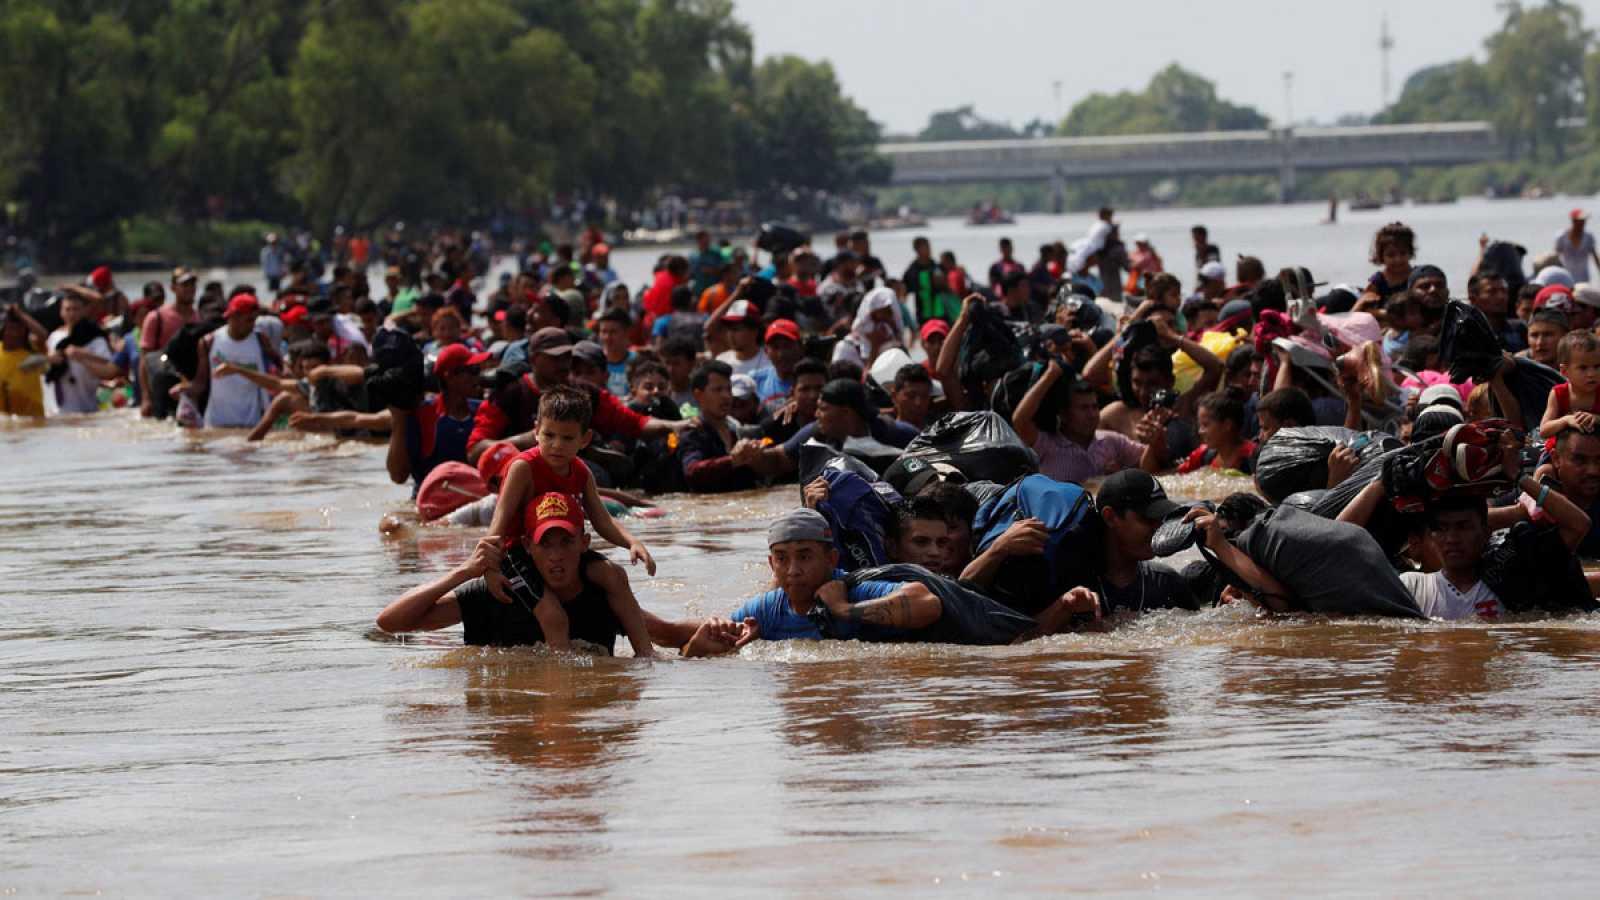 Caravana de migrantes atravesando el río que separa Guatemala y México. Foto cortesía